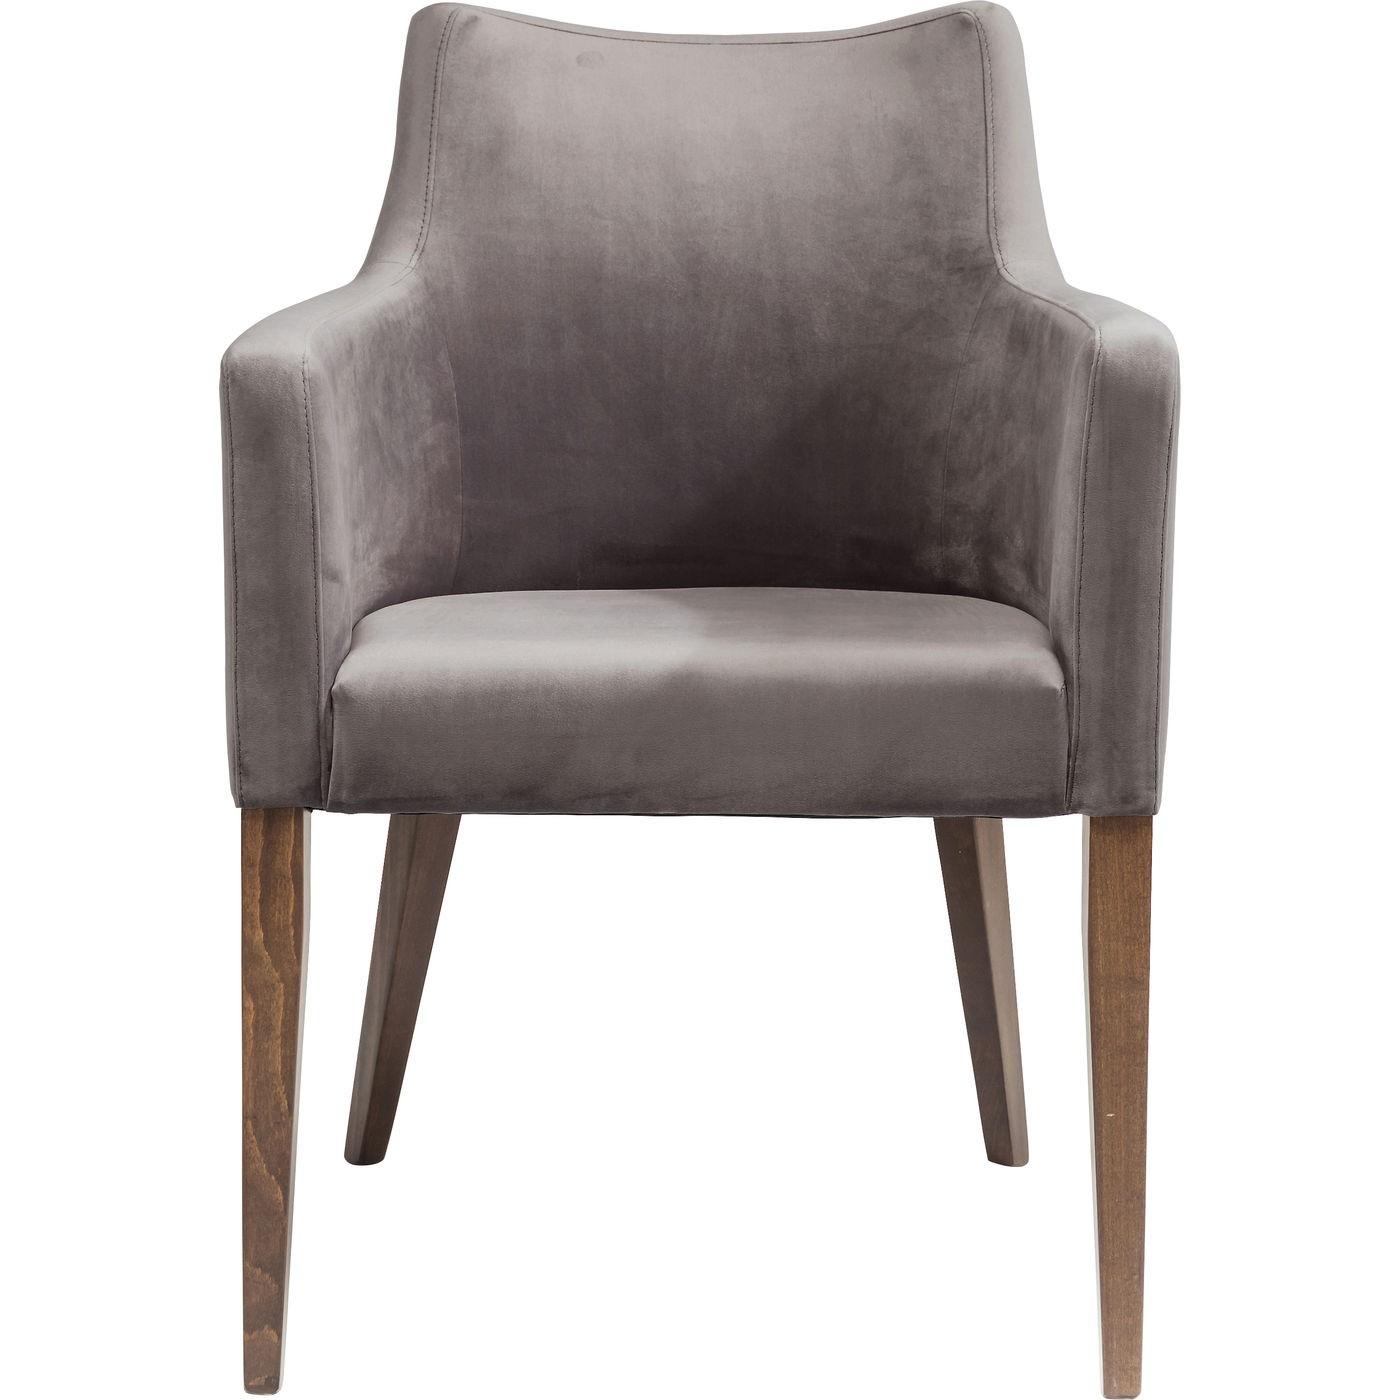 Chaise avec accoudoirs en velours gris et hêtre laqué